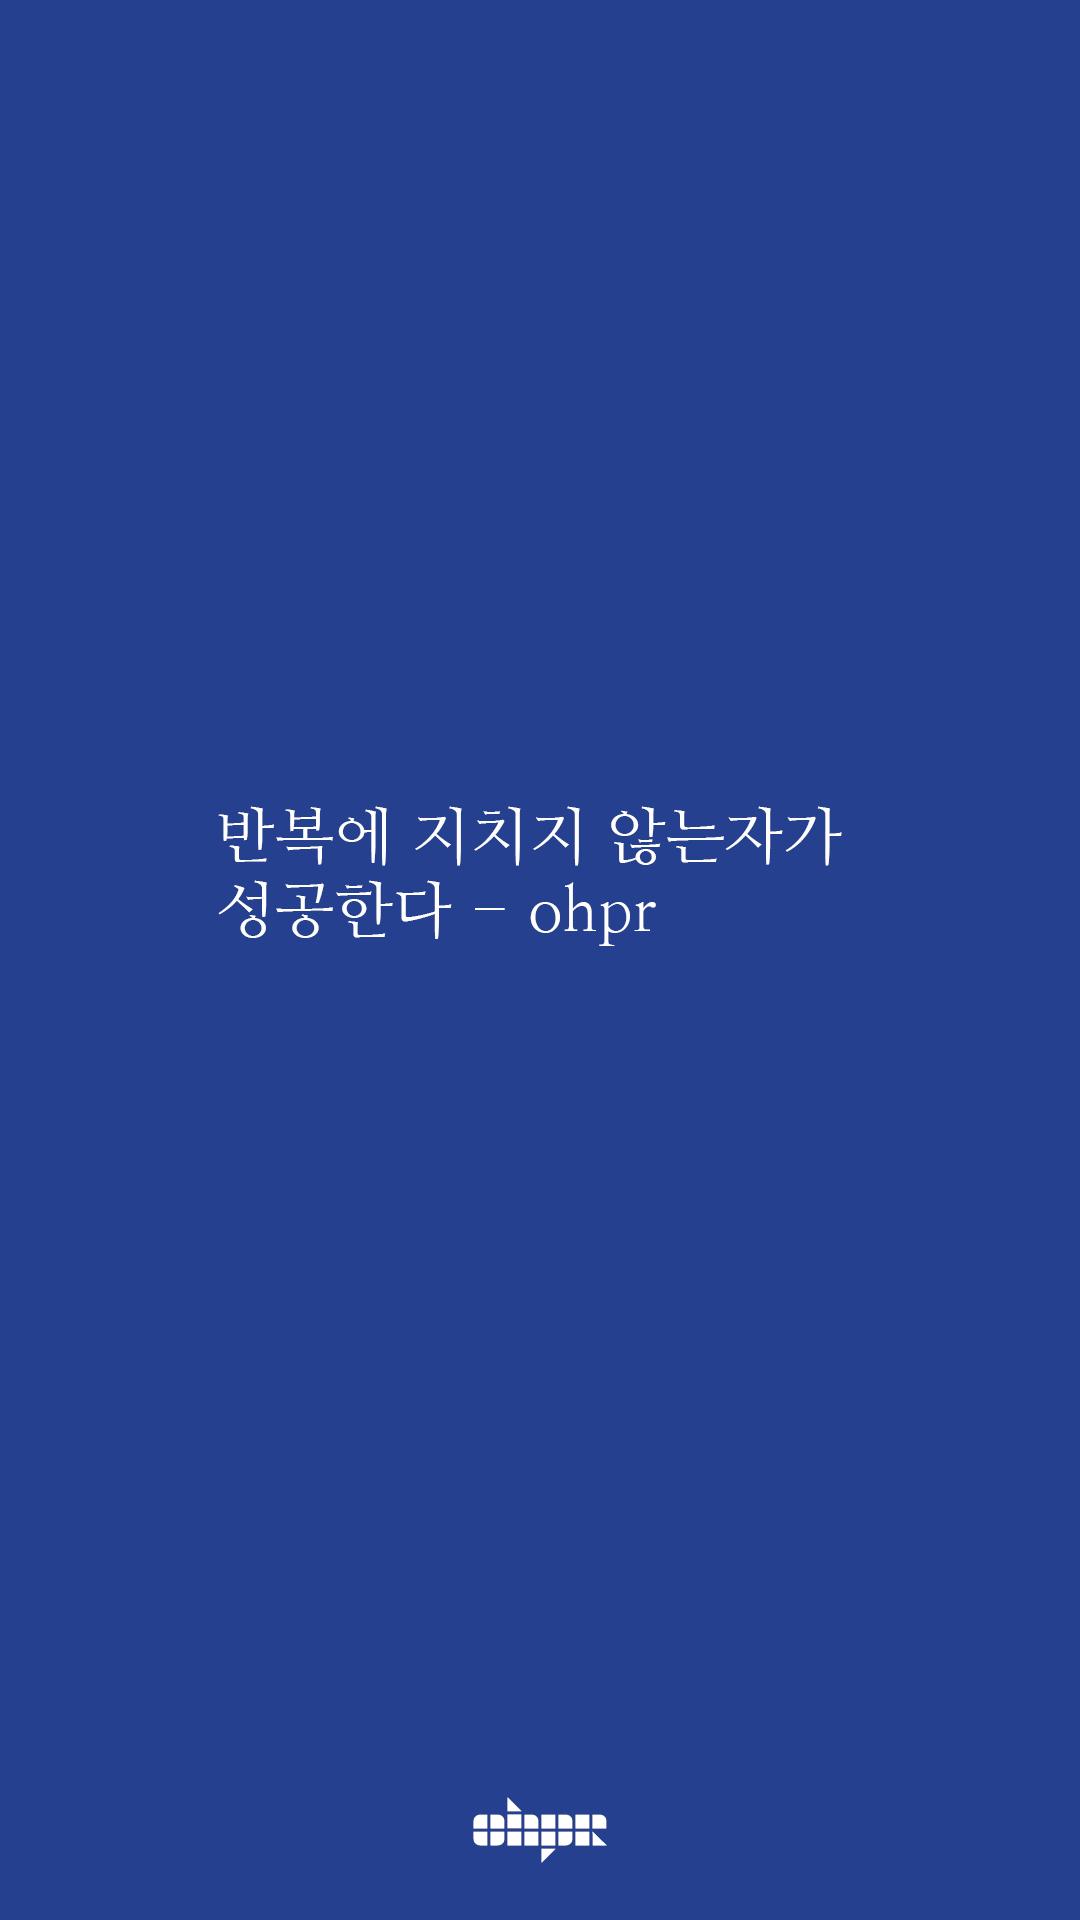 ohpr_wording